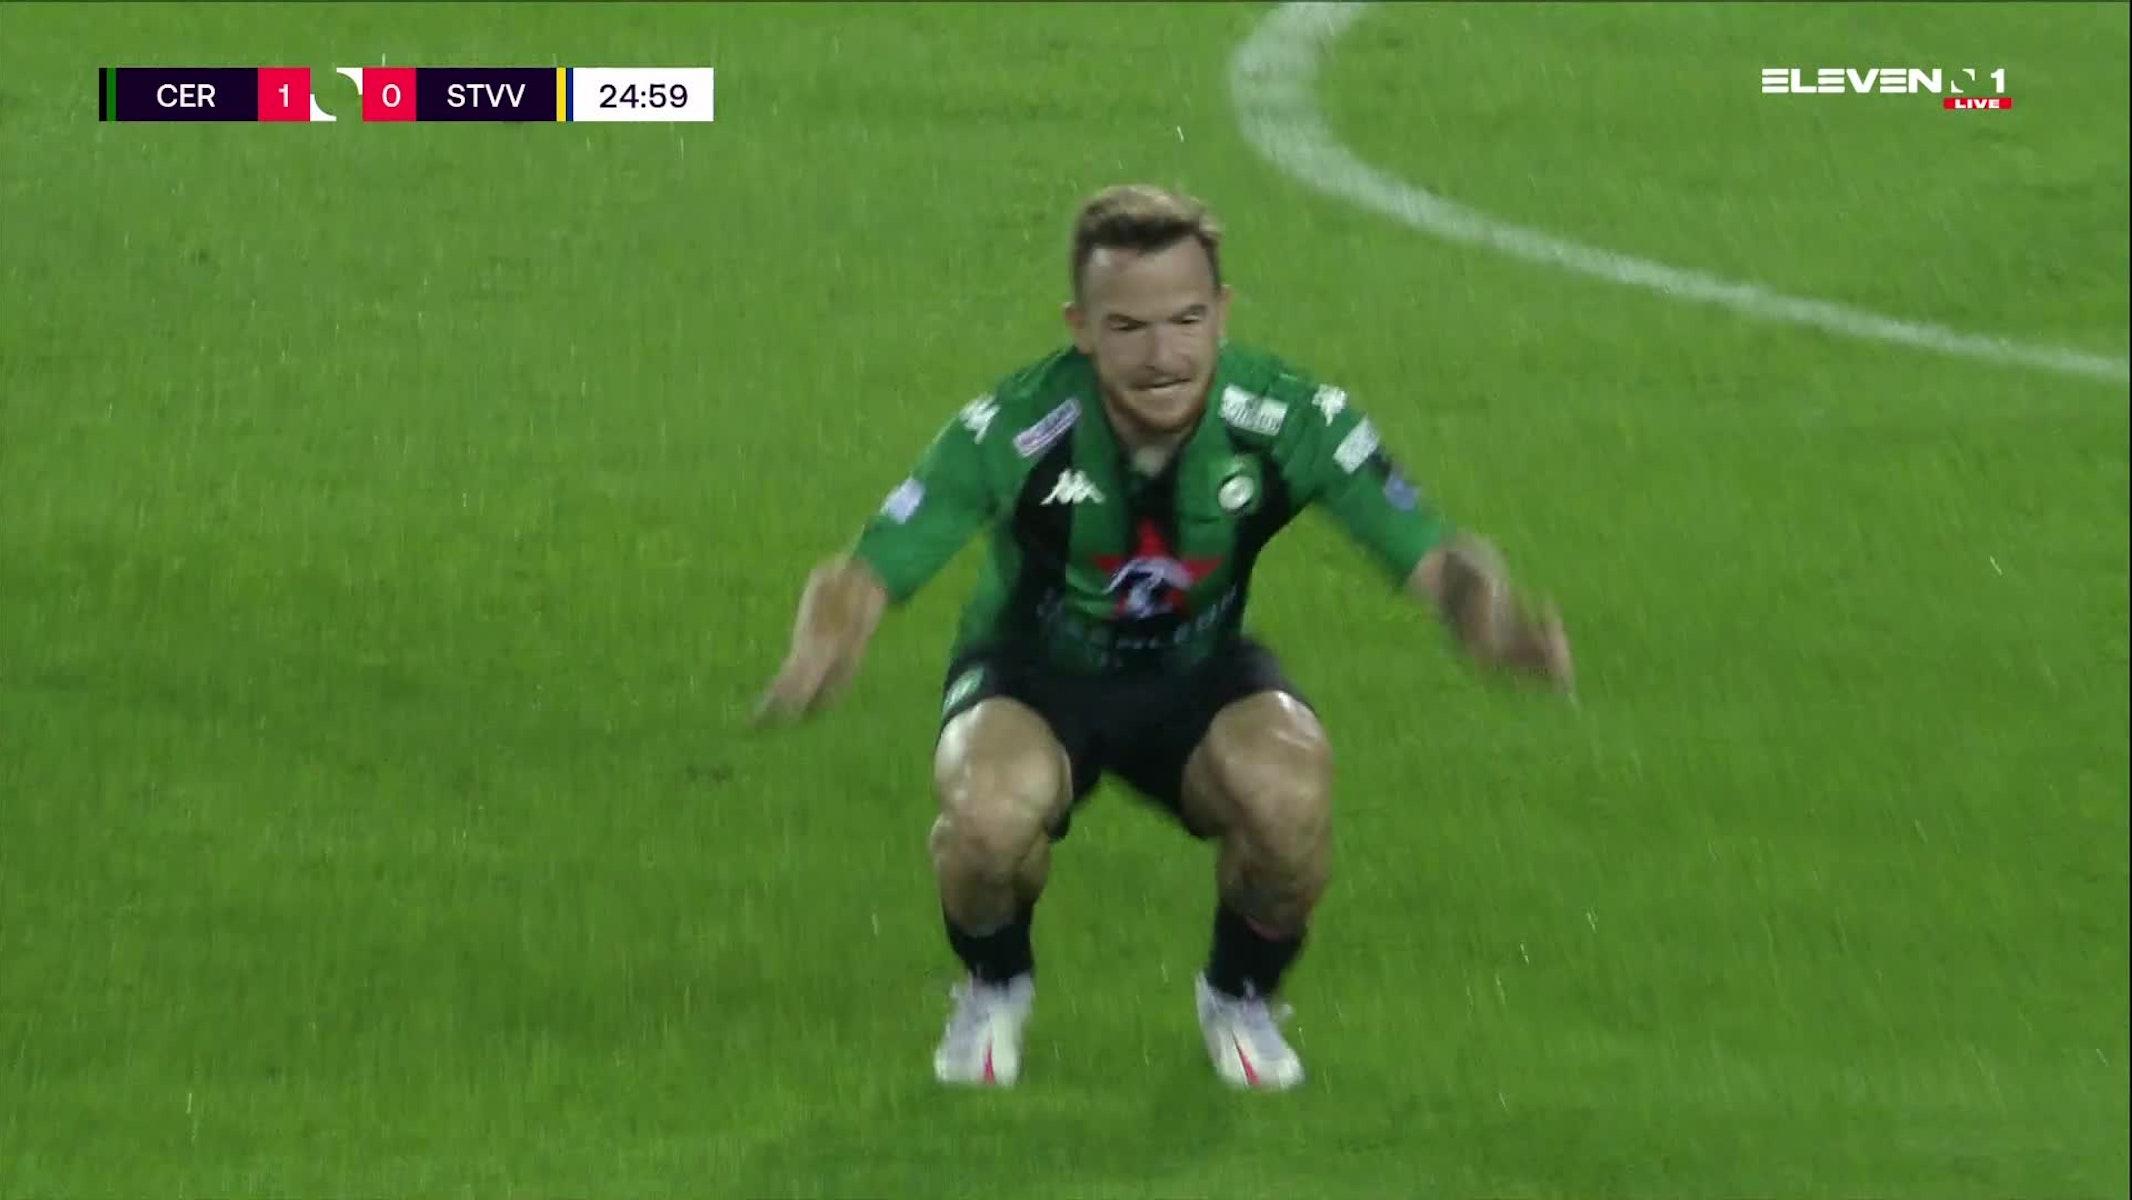 Doelpunt Dino Hotic (Cercle Brugge vs. STVV)